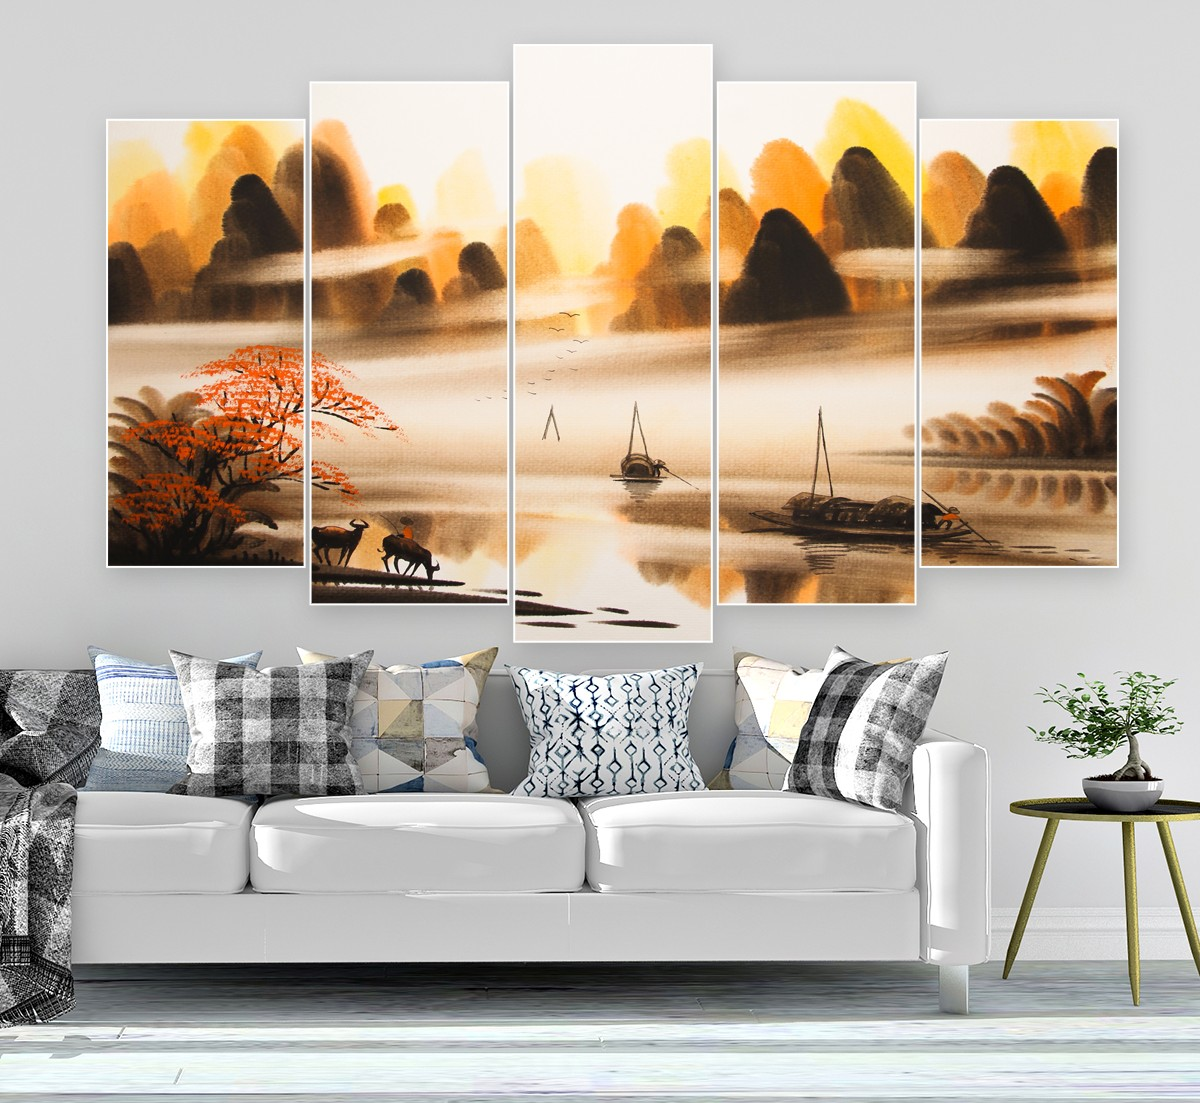 tranh trang trí tranh treo tường phong thủy tai đà nẵng